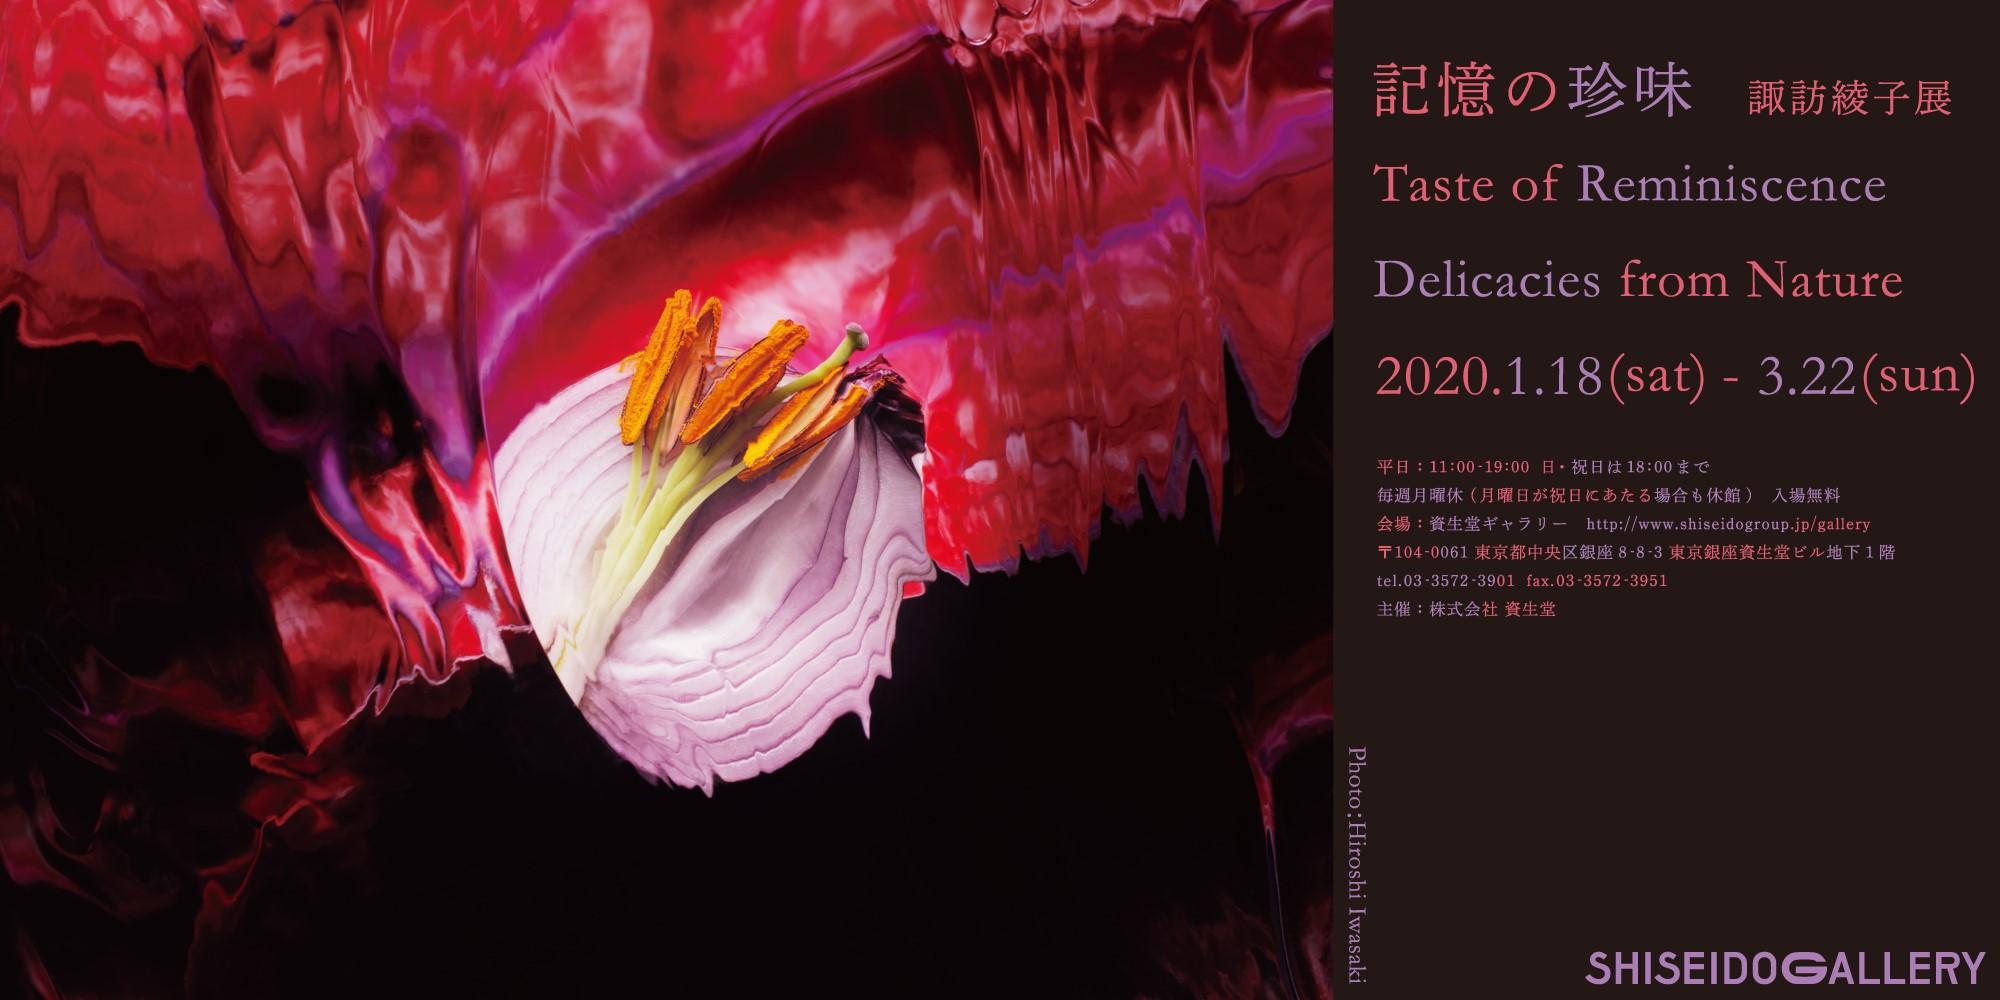 「記憶の珍味 諏訪綾子展 Taste of Reminiscence Delicacies from Nature」 2020年1月18日(土)~3月22日(日)